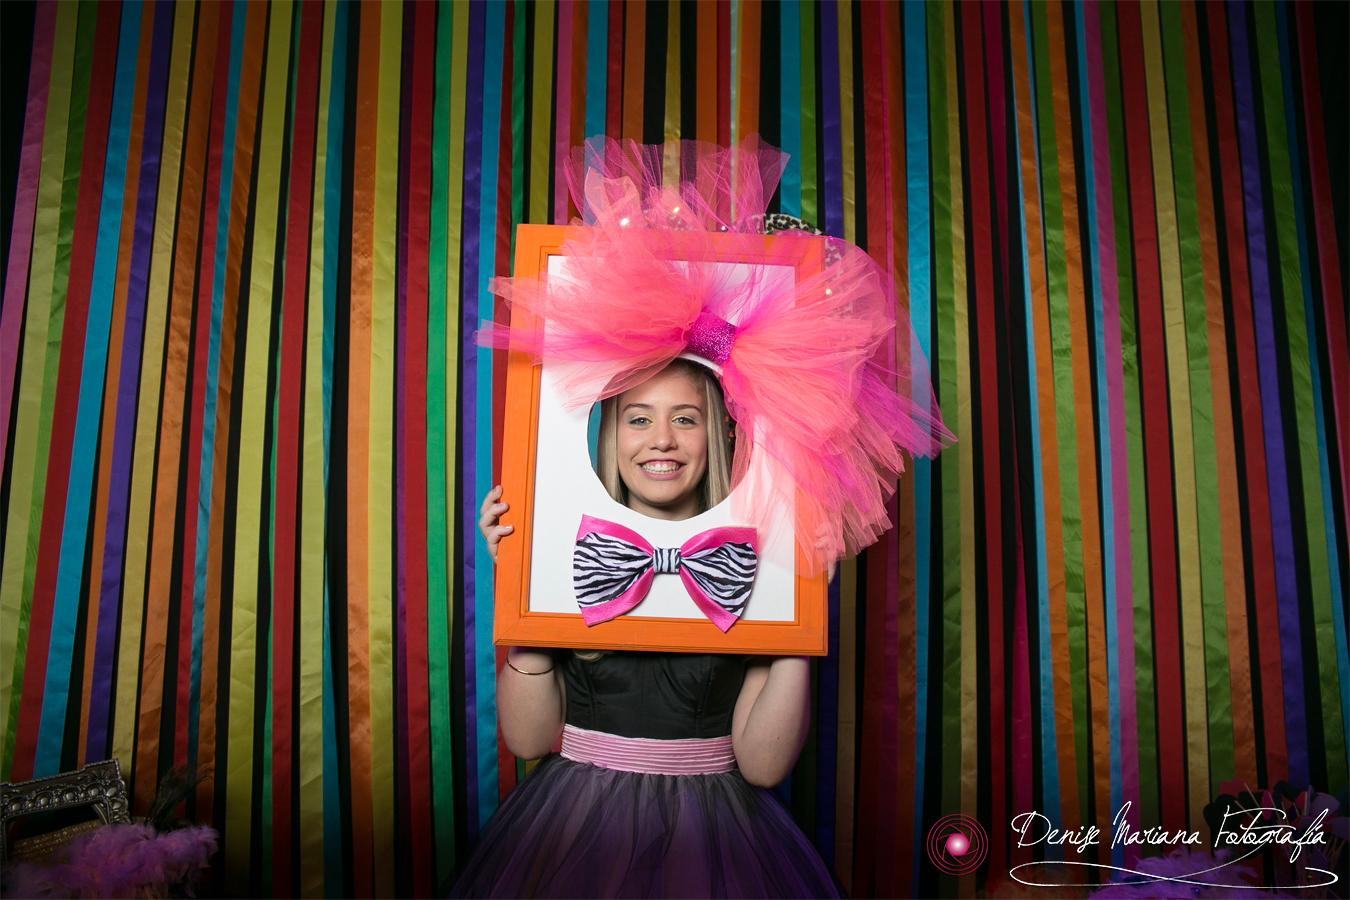 15 años - Denise Mariana Fotografía